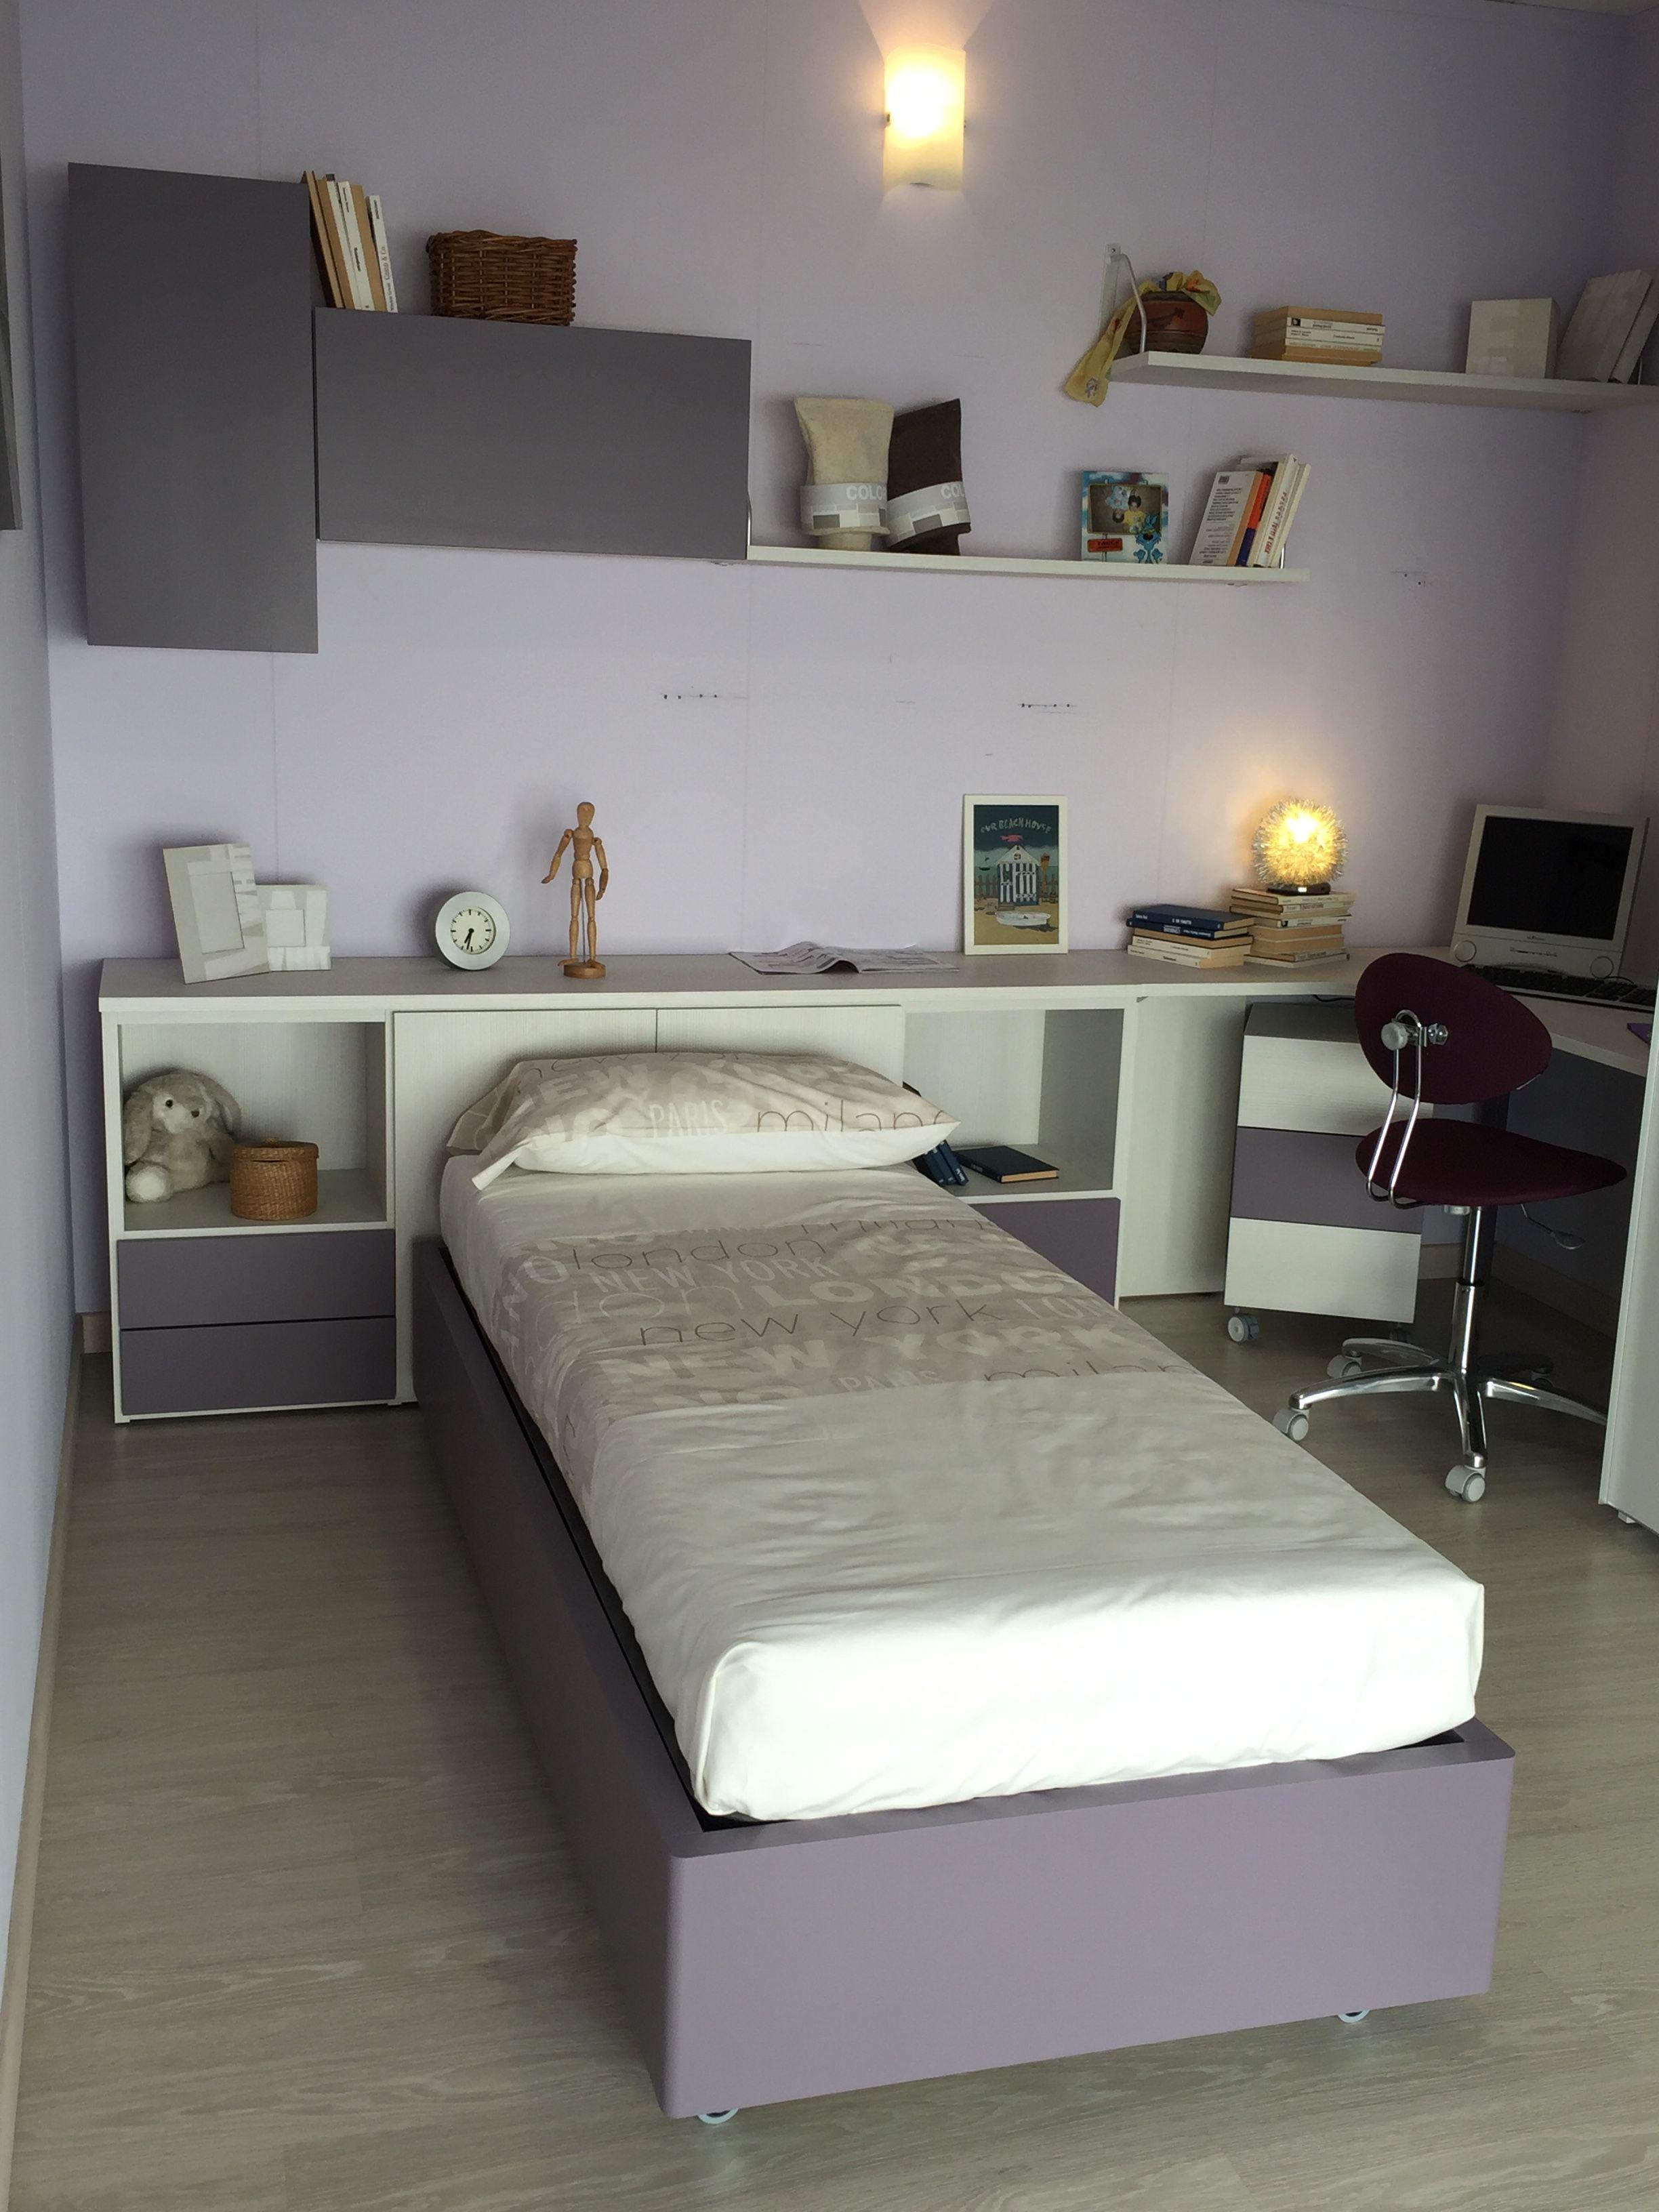 Cameretta moretticompact in laminato colore betulla e parti laccate colore mora letto singolo - Camera letto singolo ...